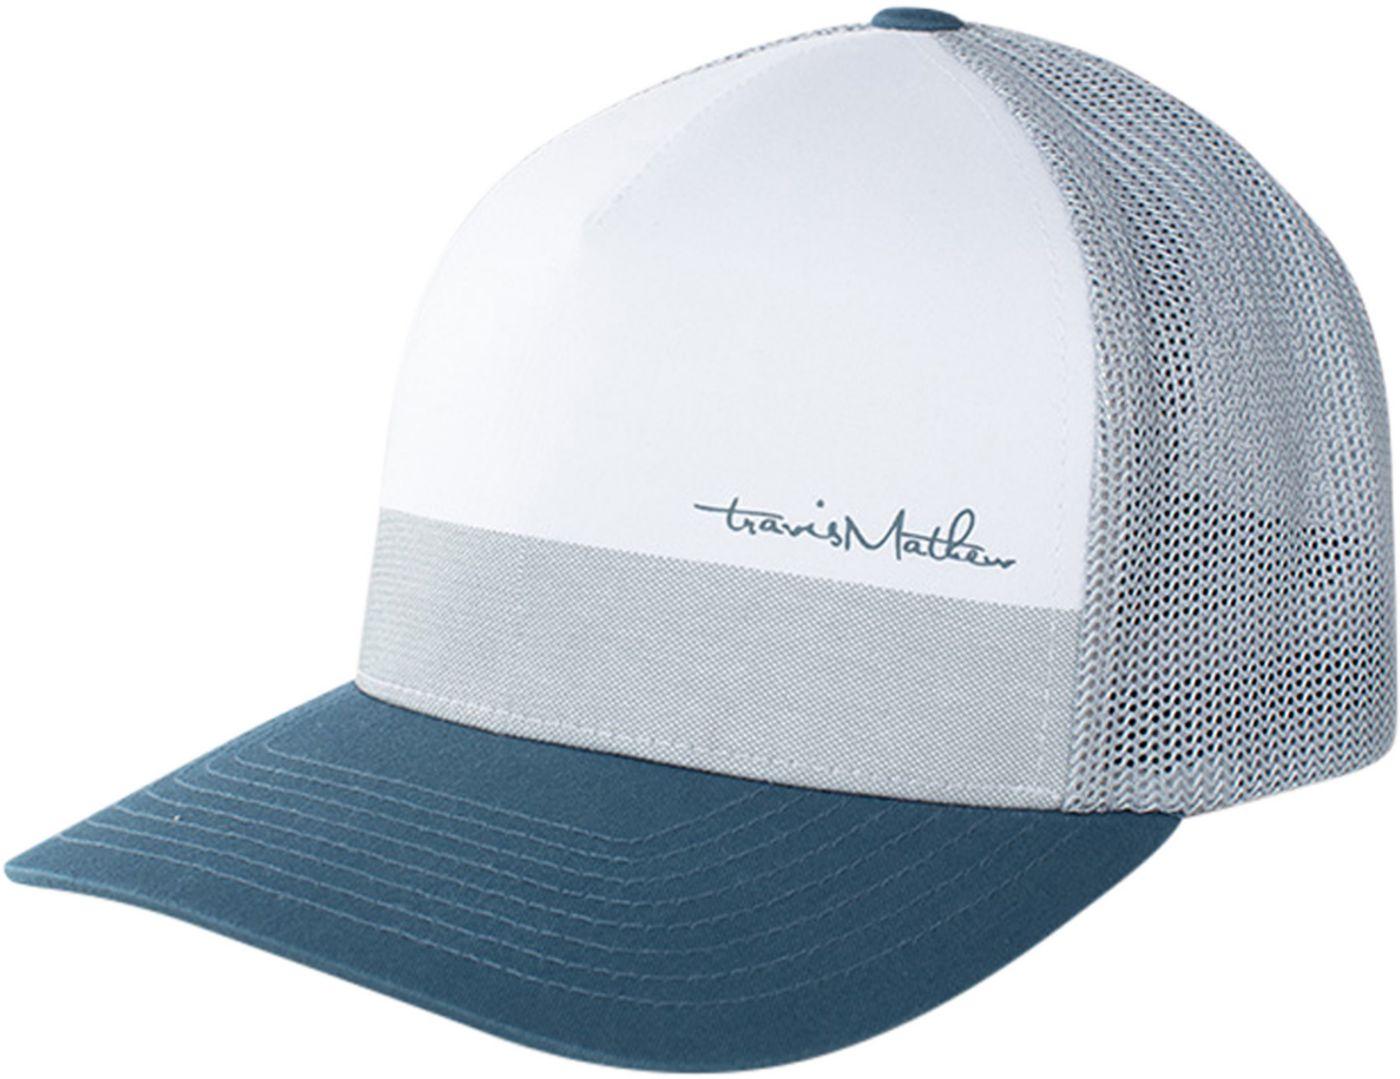 TravisMathew Men's Winter Golf Hat